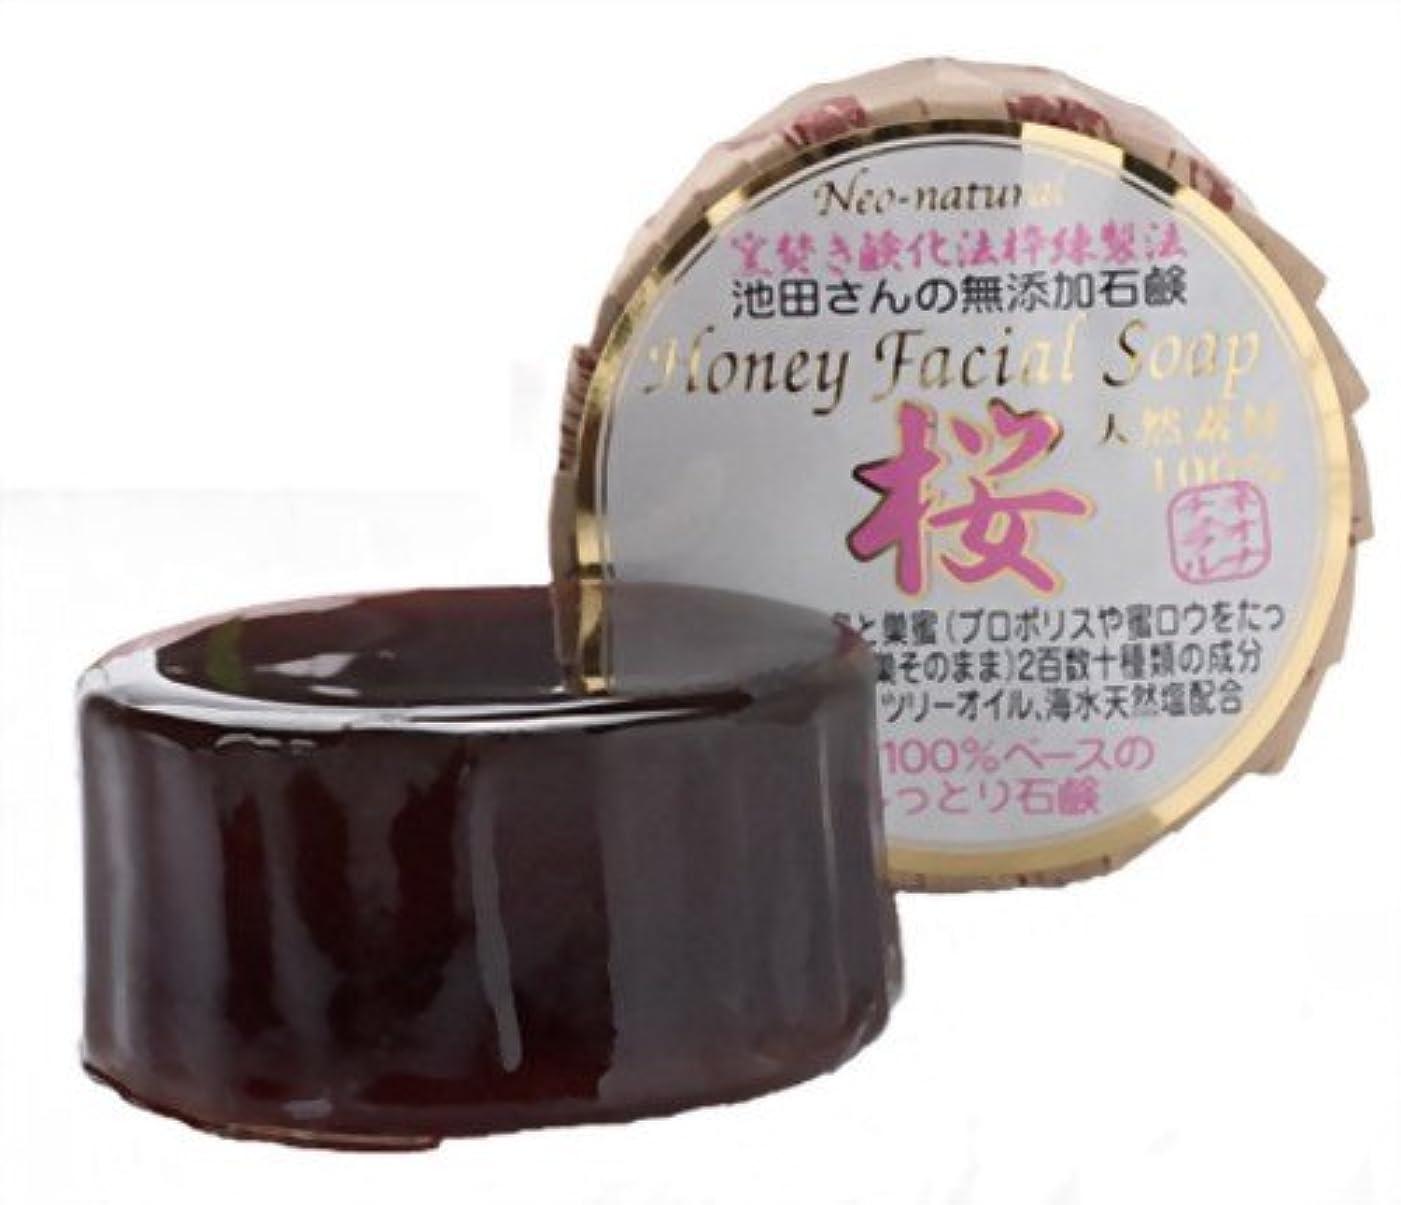 一致三角形魅了するネオナチュラル 池田さんのハニーフェイシャルソープ桜 80g